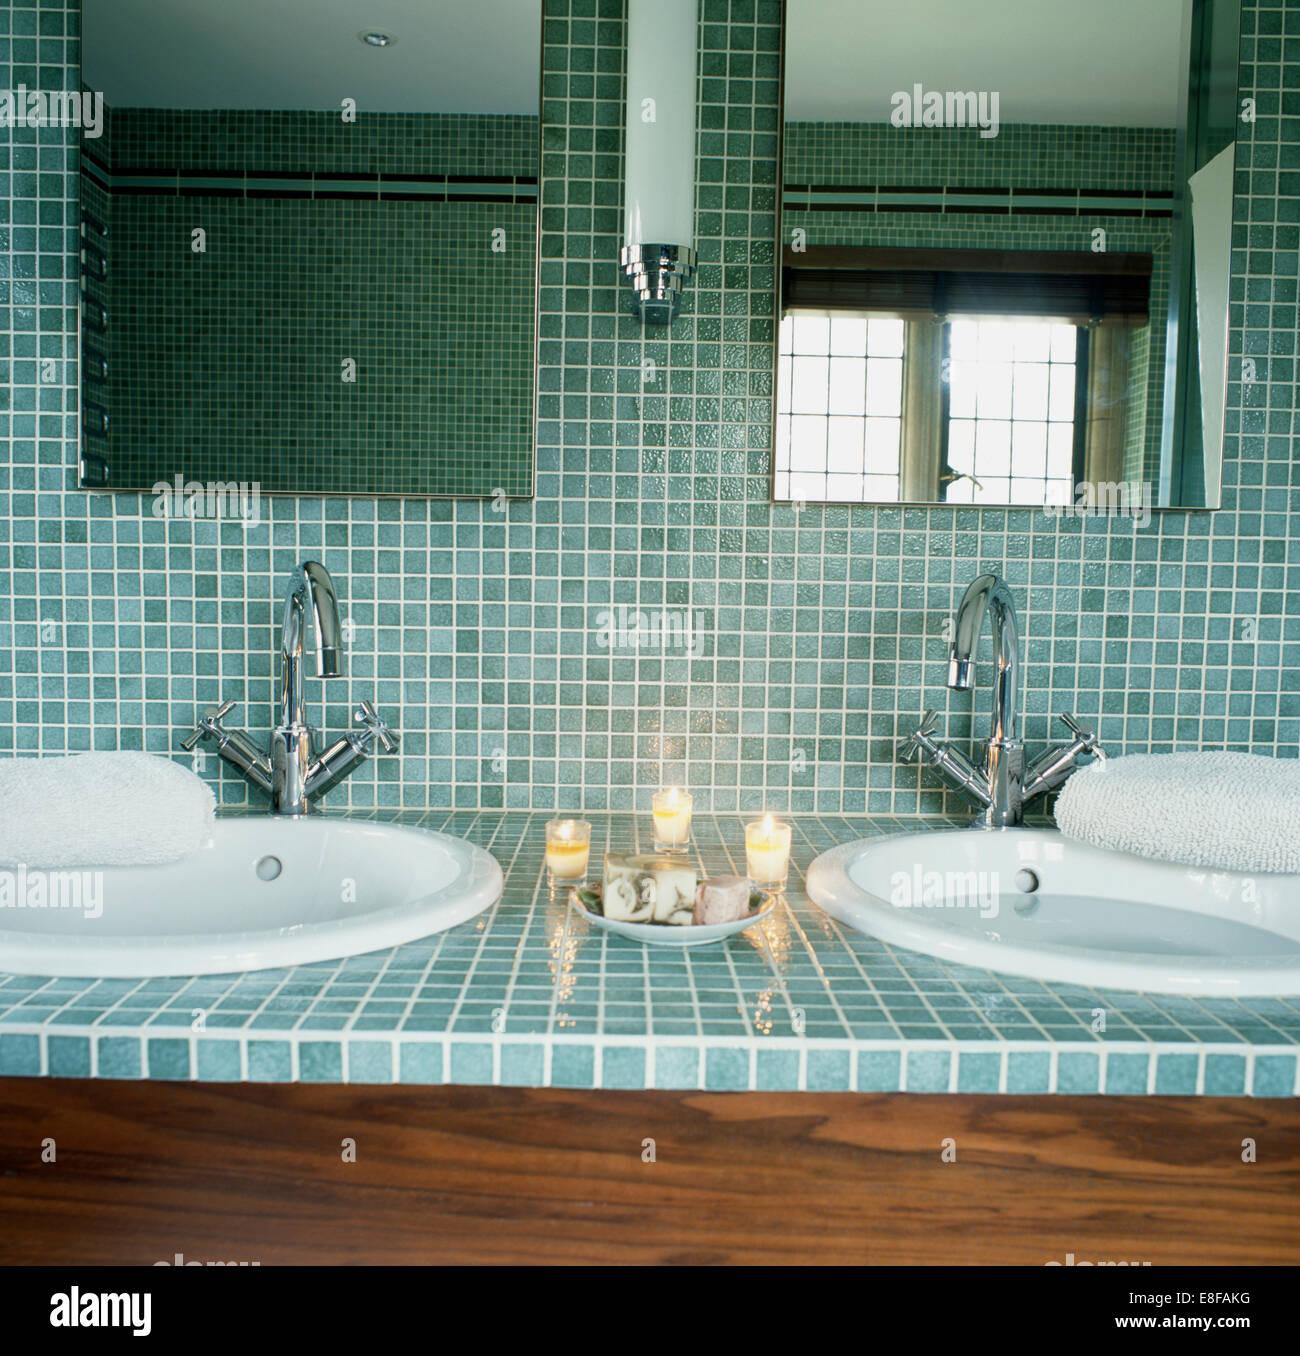 Nahaufnahme Von Spiegeln Und Türkis Mosaikfliesen über Kreisförmige Becken  Mit Chrom Armaturen Im Modernen Badezimmer